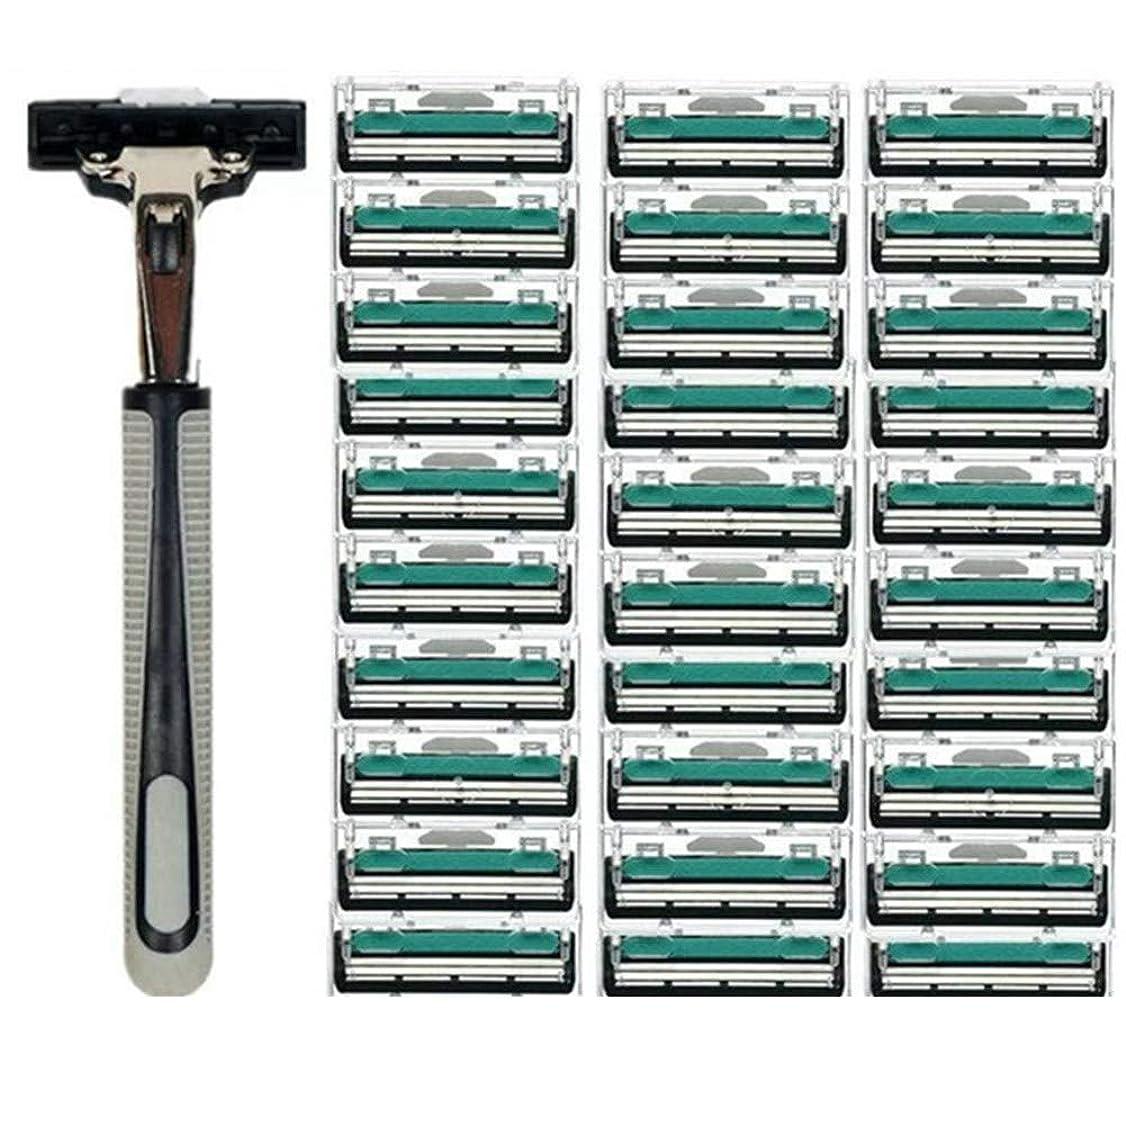 レンダリング緑分析するTerGOOSE 髭剃り 二重層 本体+替刃30コ付 安全 携帯便利